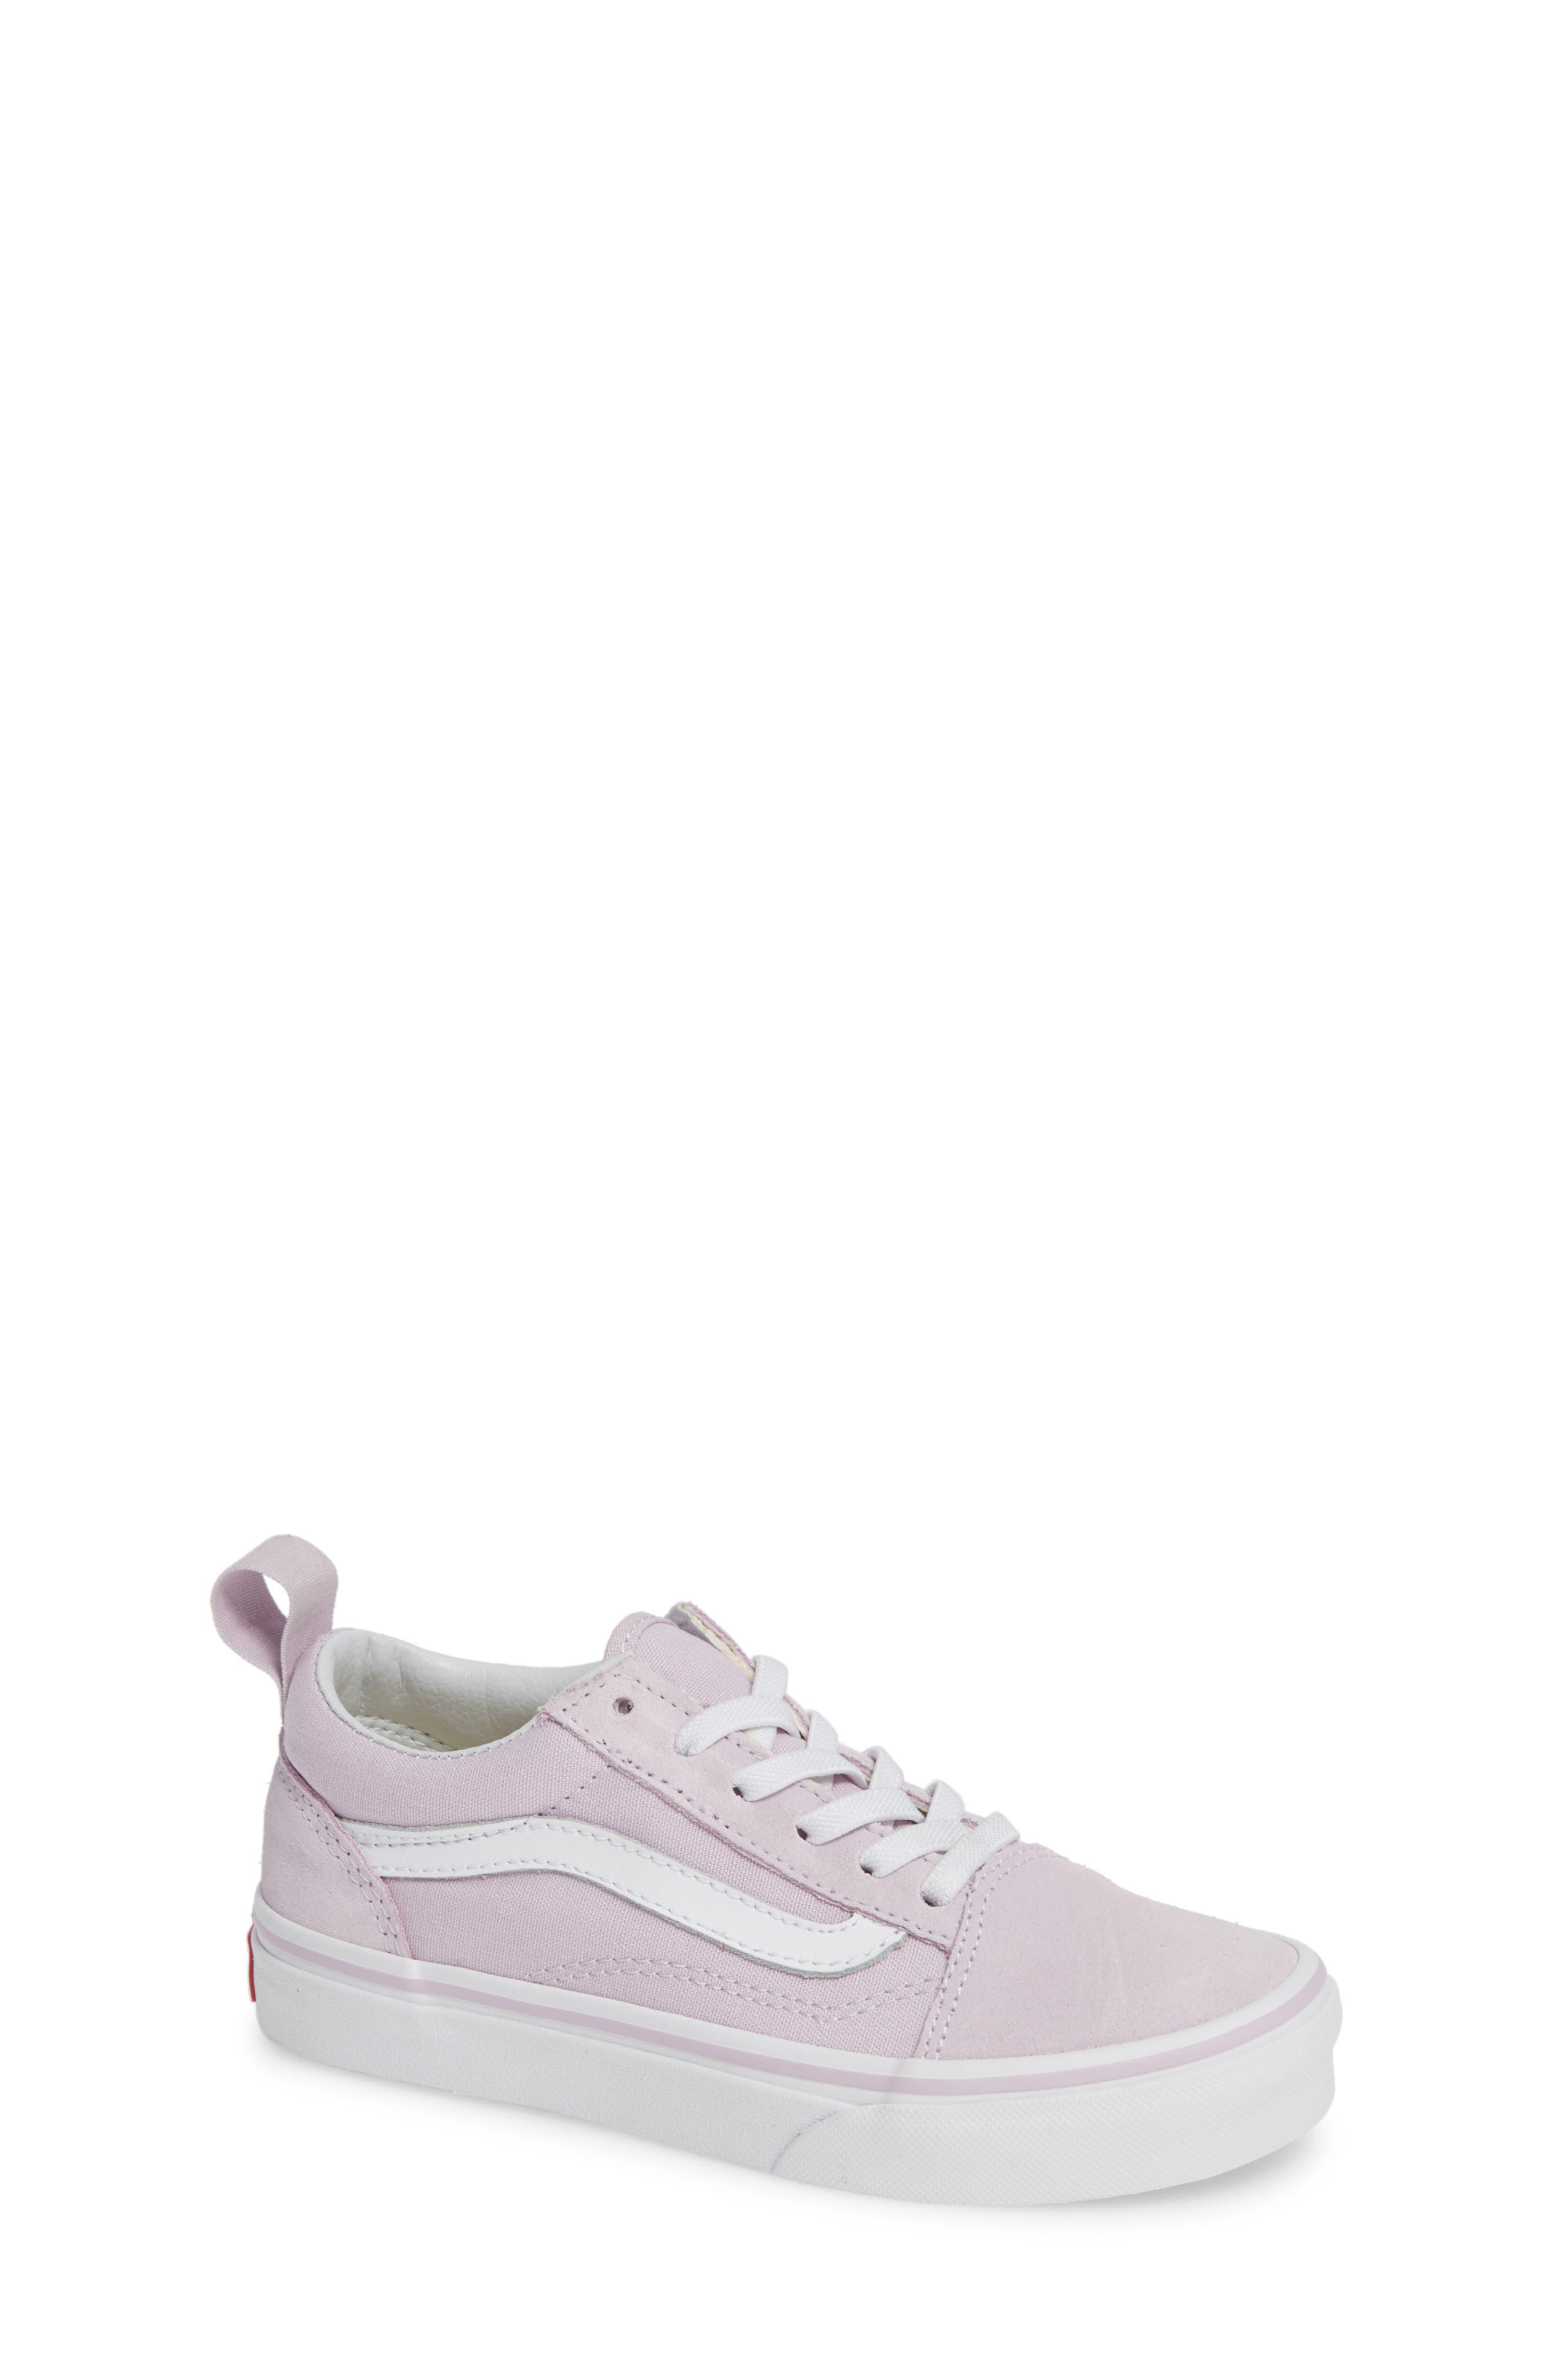 Vans Old Skool LaceUp Skate Shoe